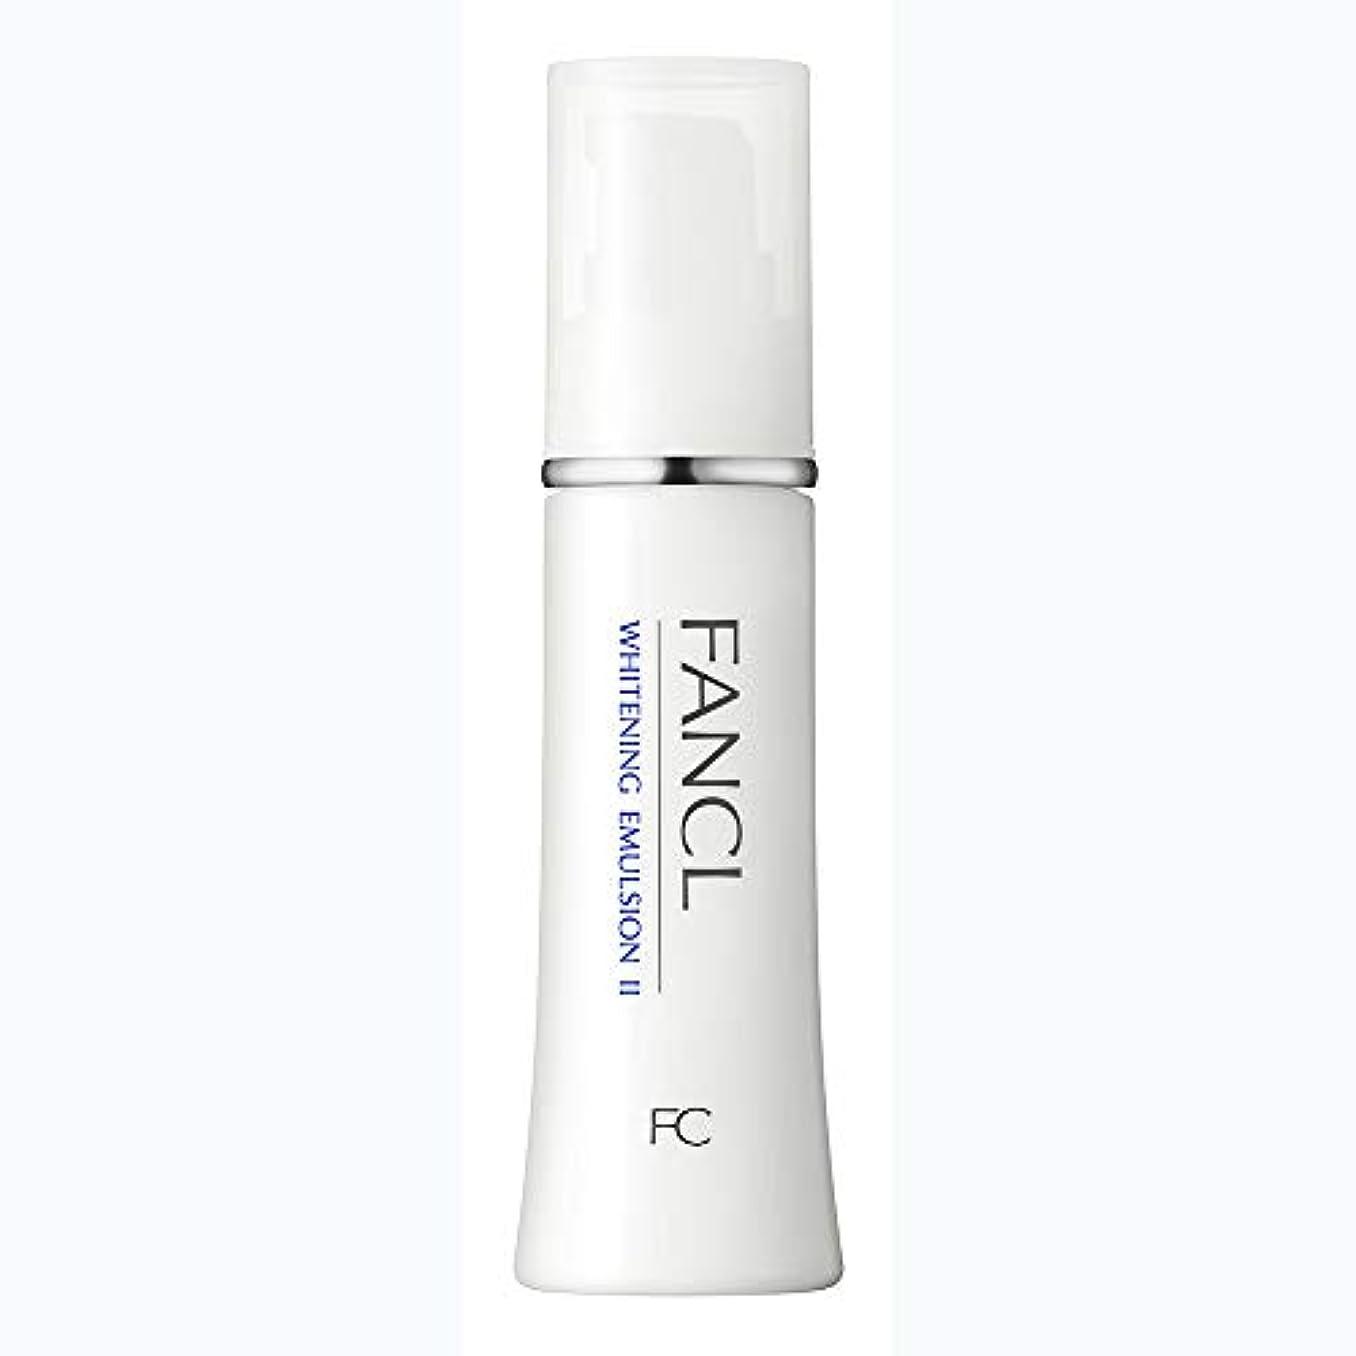 明日夢推進力ファンケル(FANCL) 新 ホワイトニング 乳液 II しっとり 1本 30mL<医薬部外品>